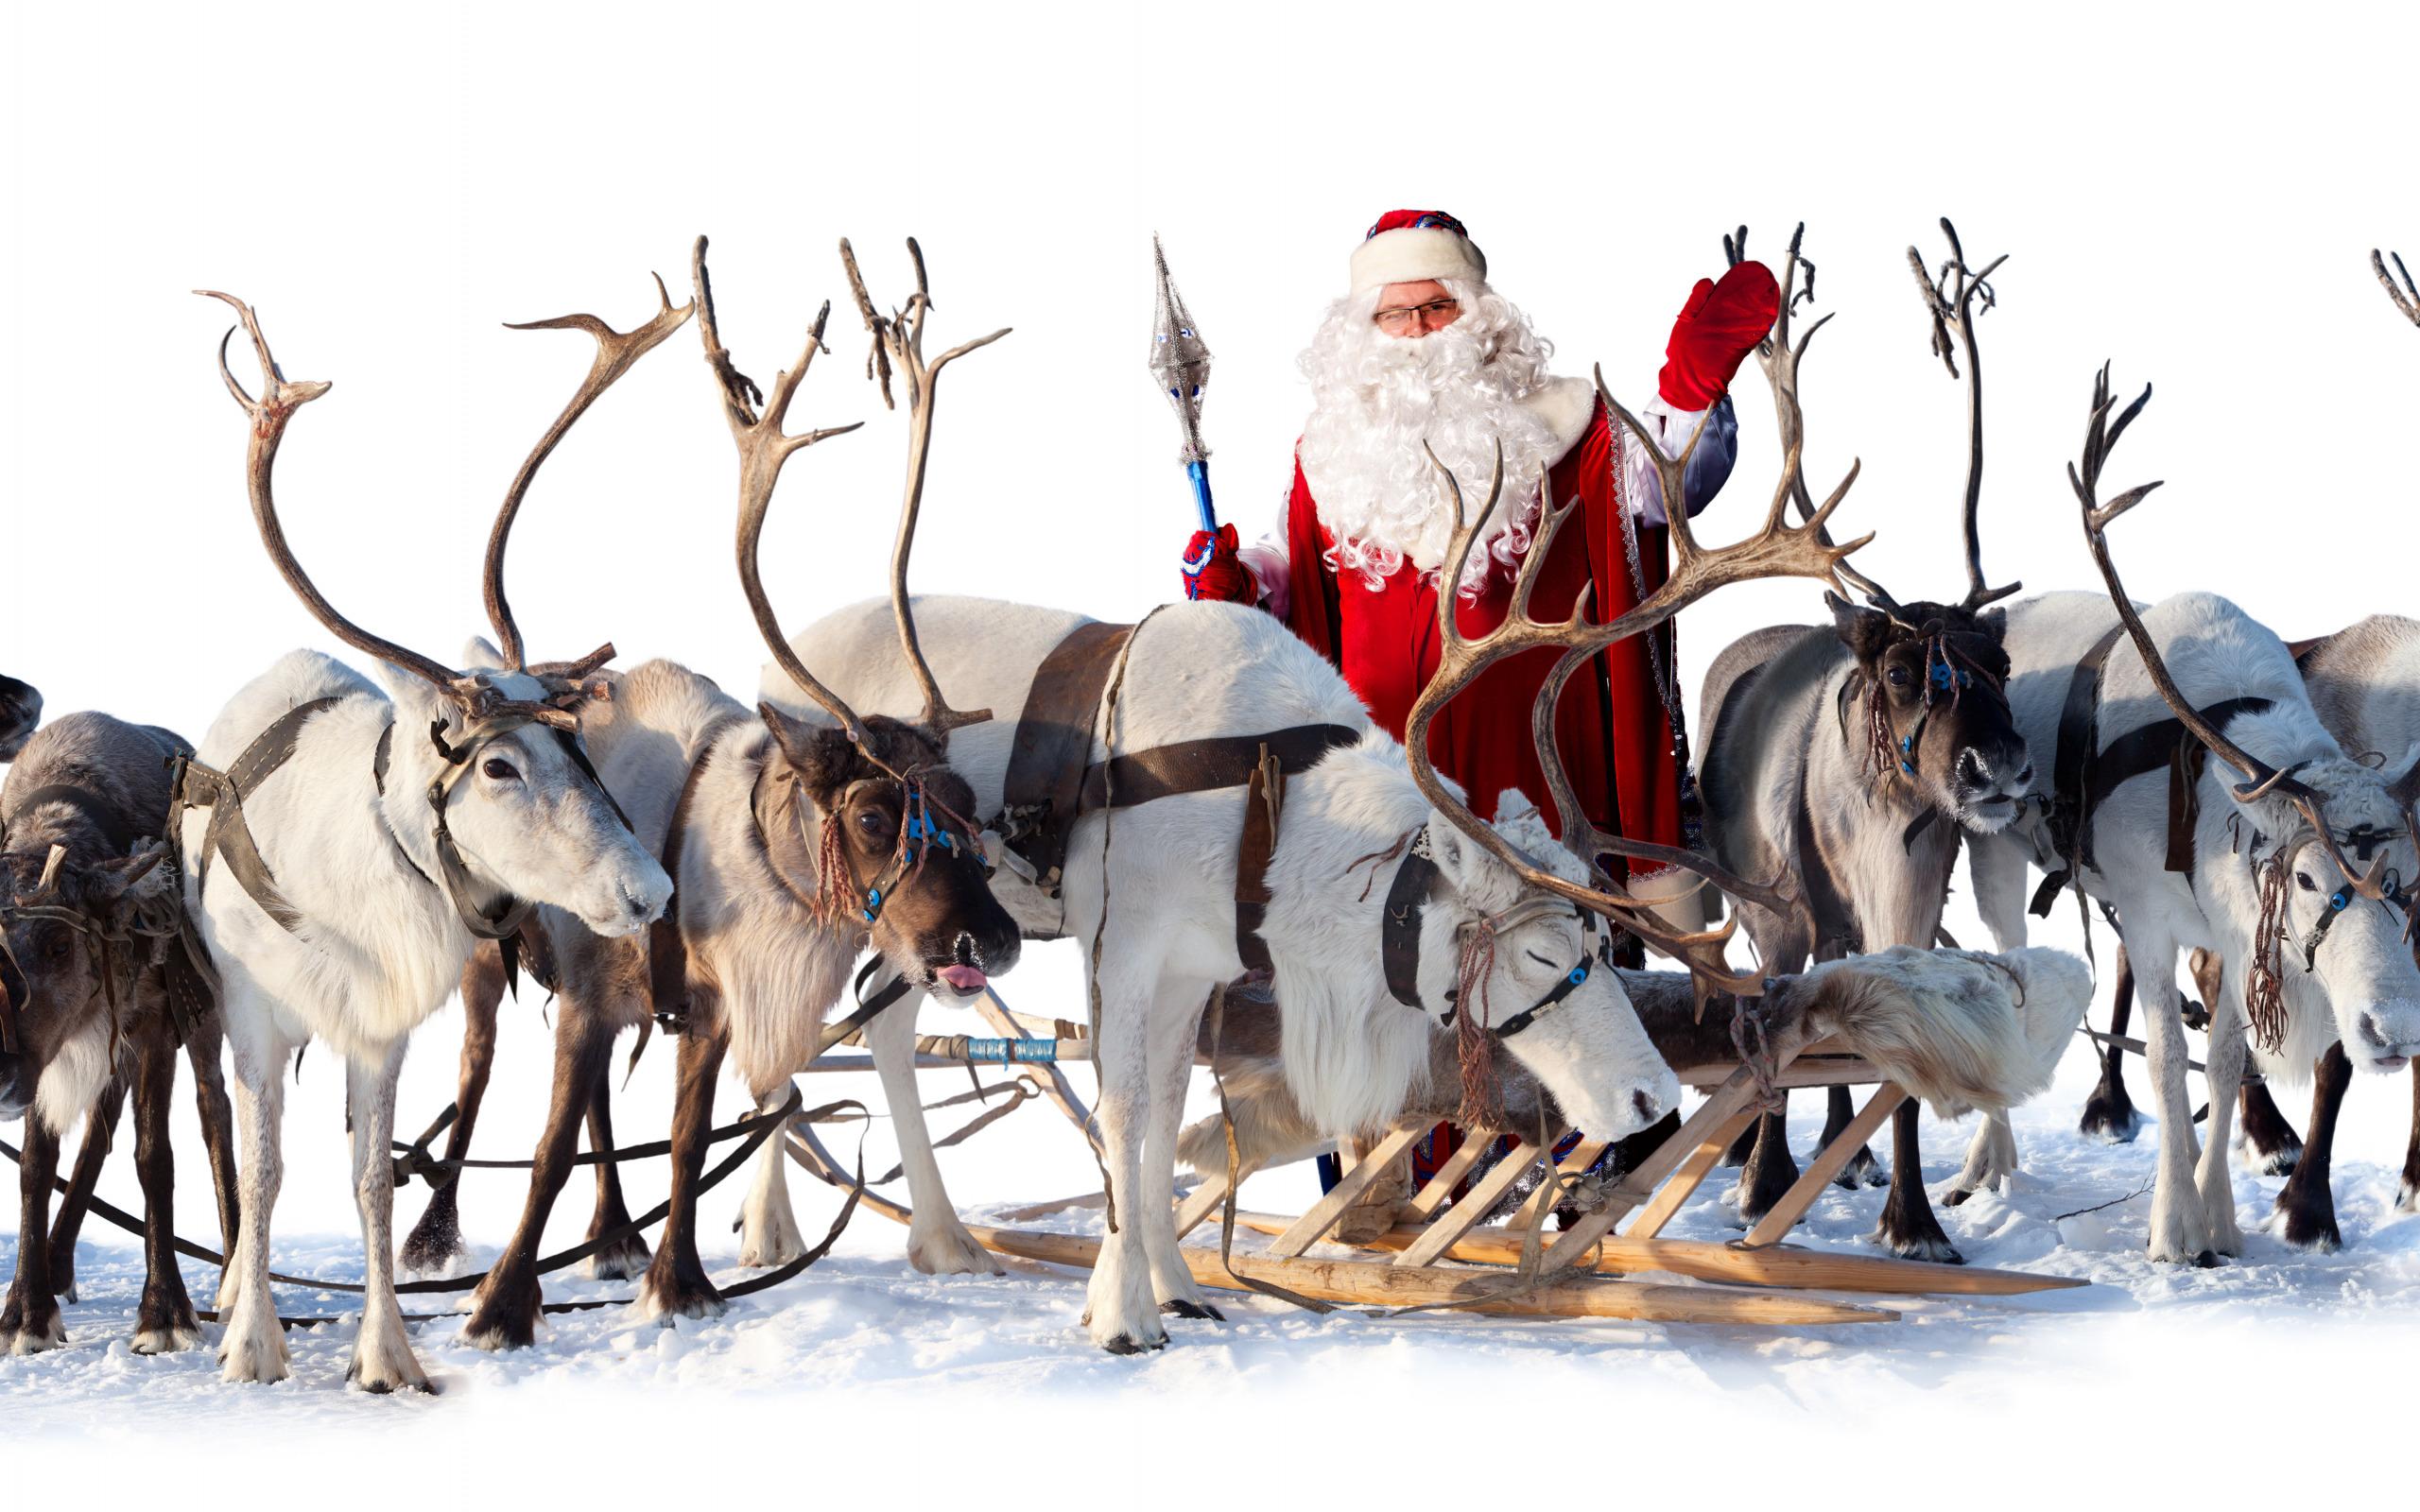 Открытки музыкальные, новогодние открытки дед мороз на санях с оленями